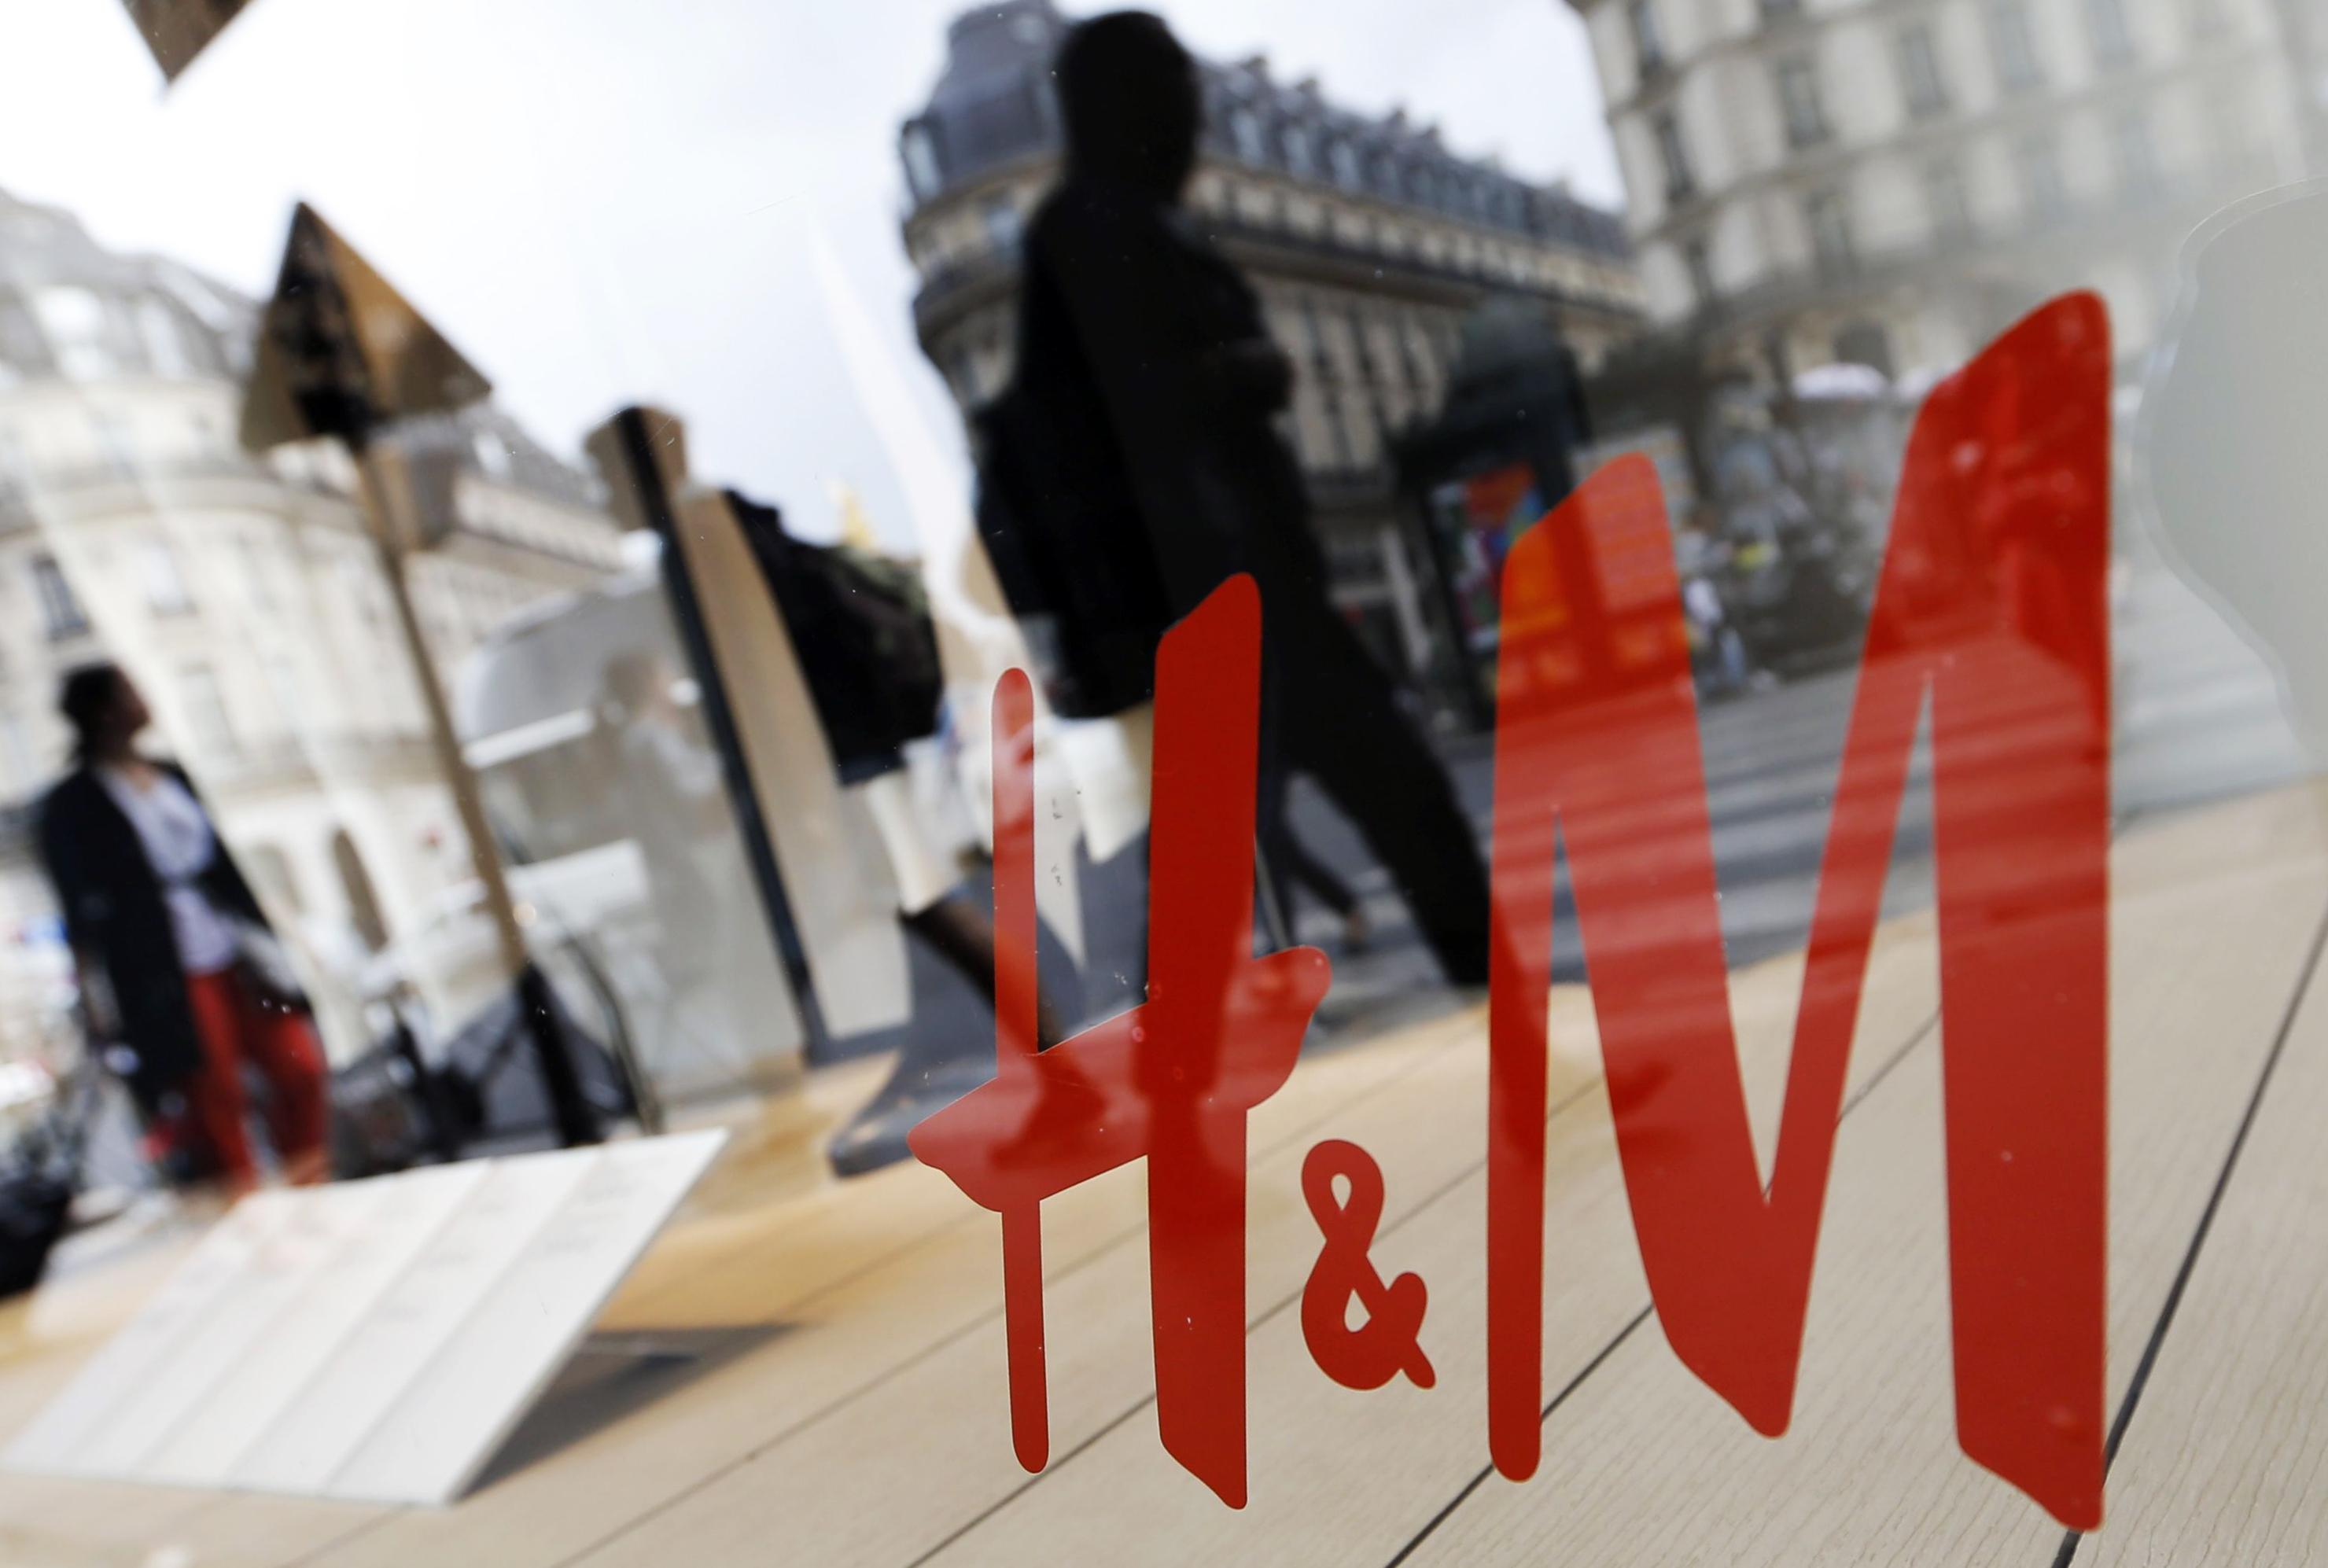 H&M sắp về Việt Nam rồi nhưng không phải ai cũng nắm được 7 bí mật khi mua đồ của hãng - Ảnh 2.